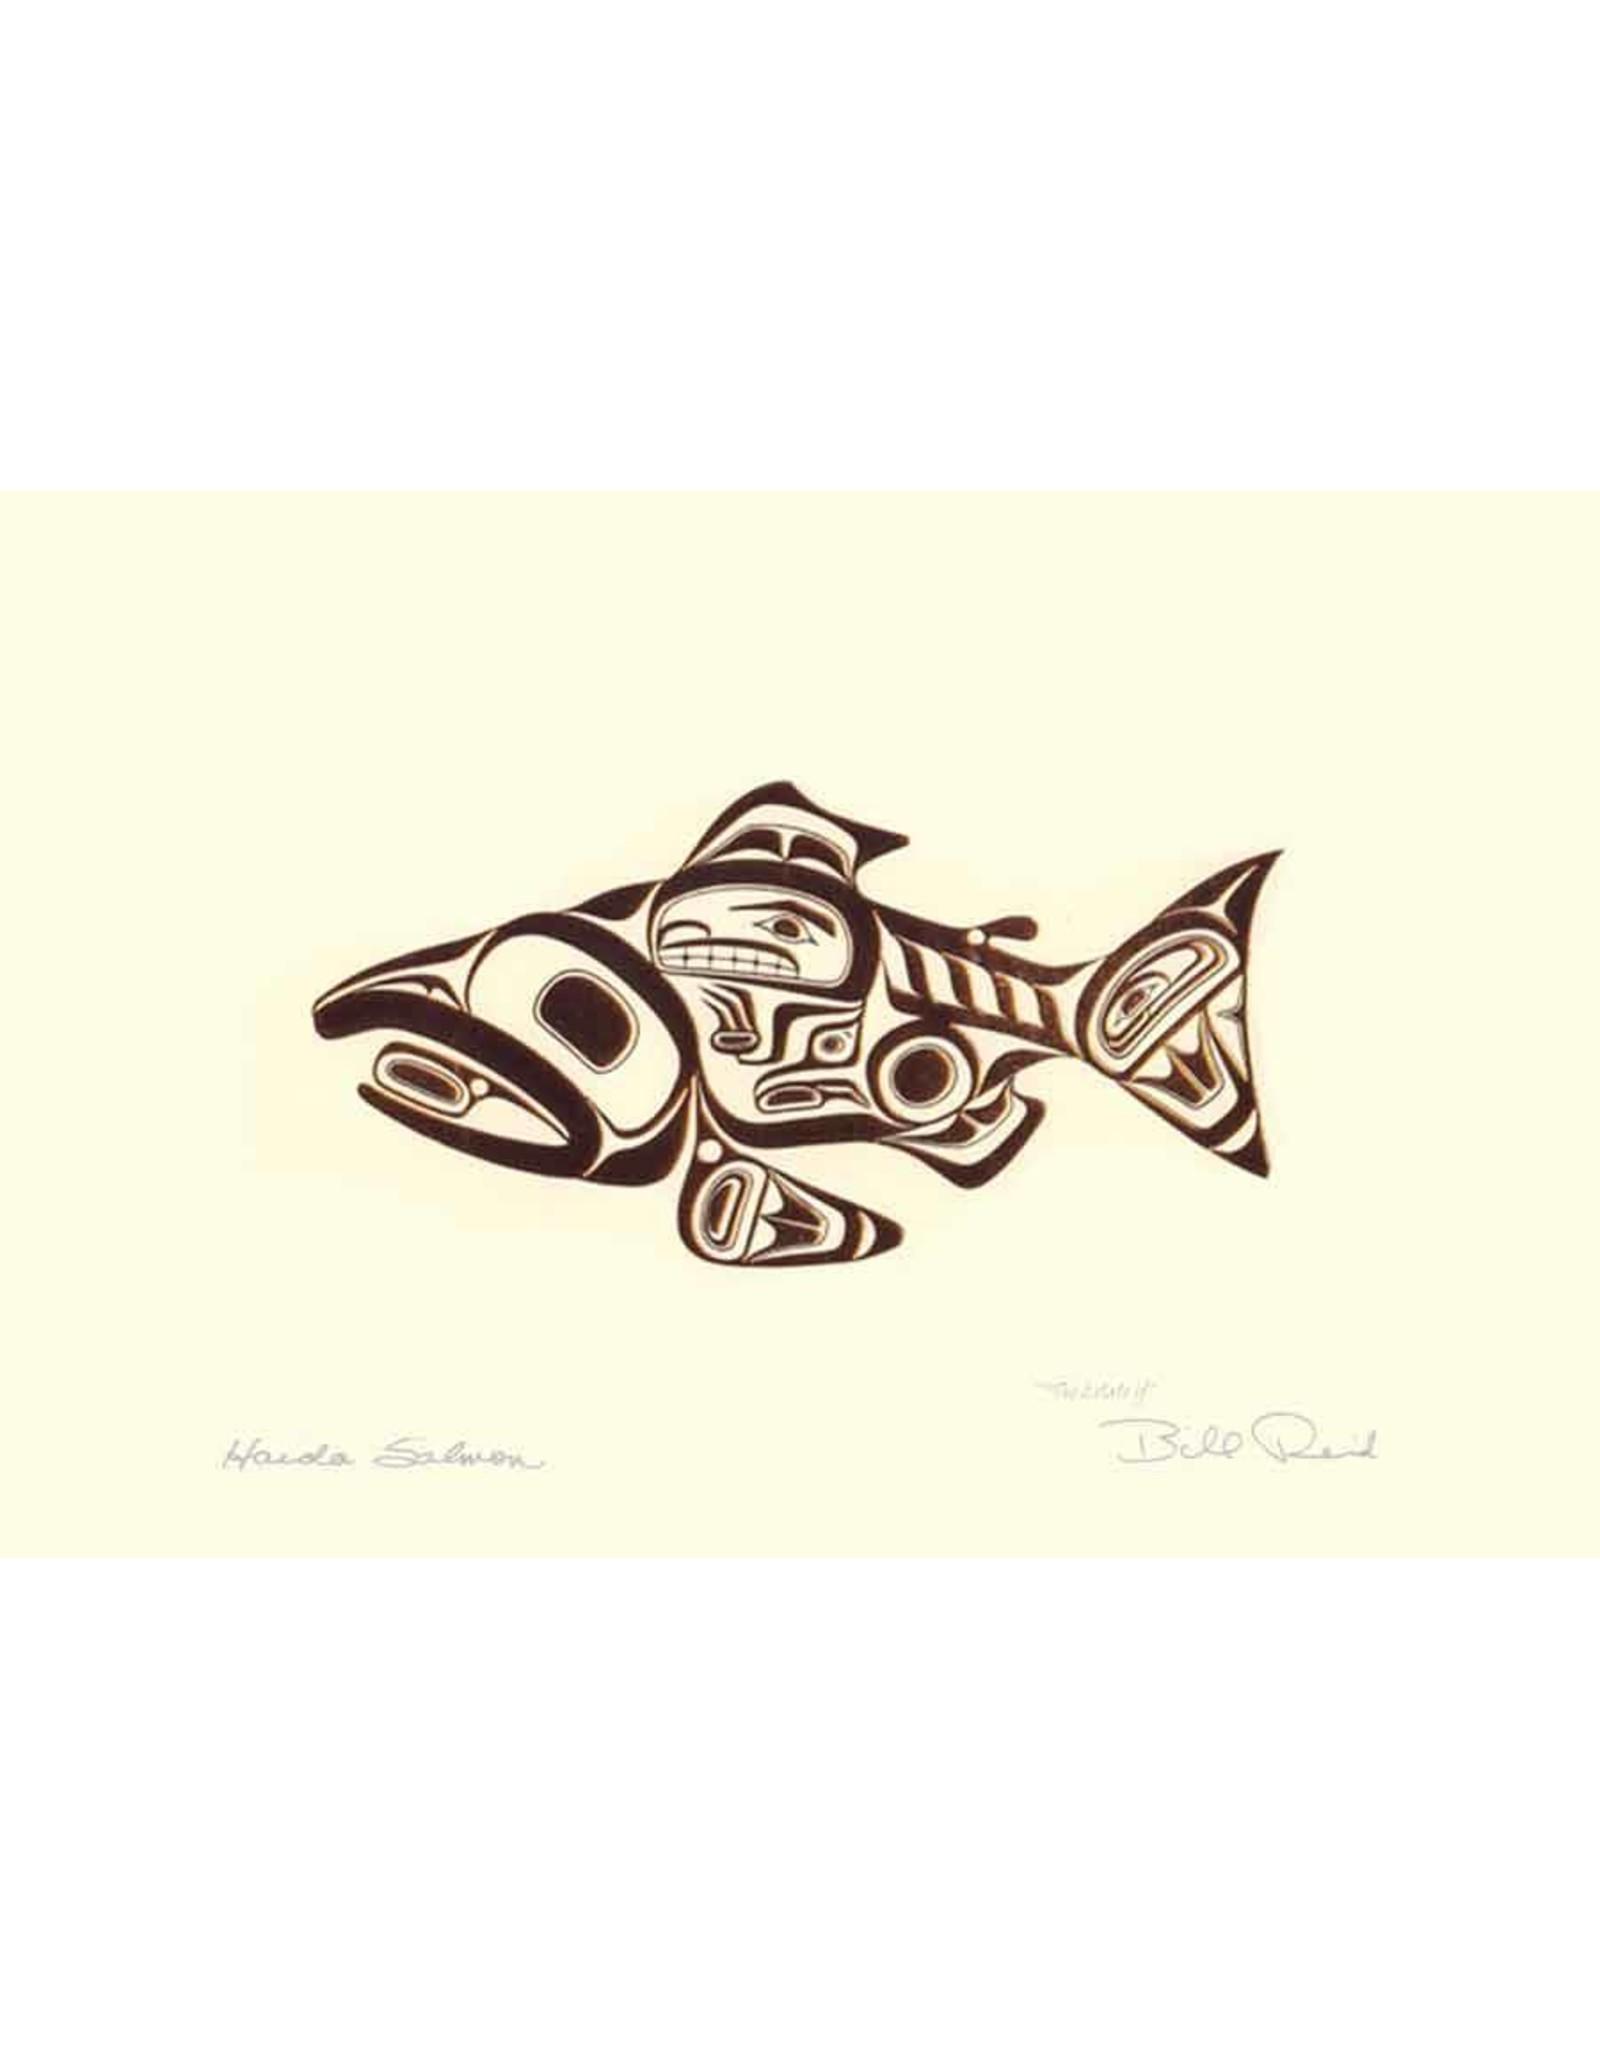 Haida Salmon by Bill Reid Framed 7440